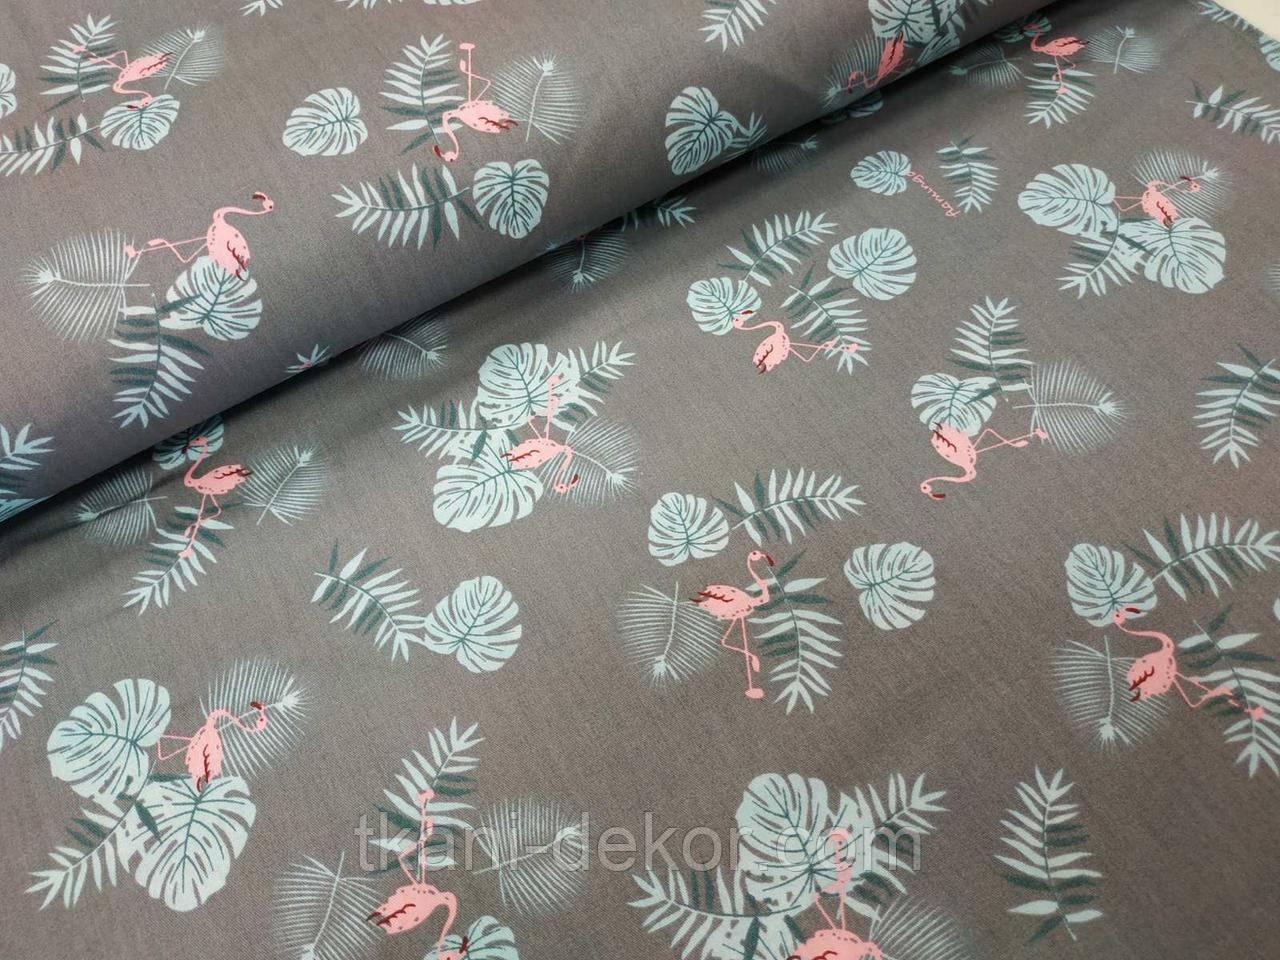 Сатин (бавовняна тканина) фламінго і пальмове листя на сірому тлі